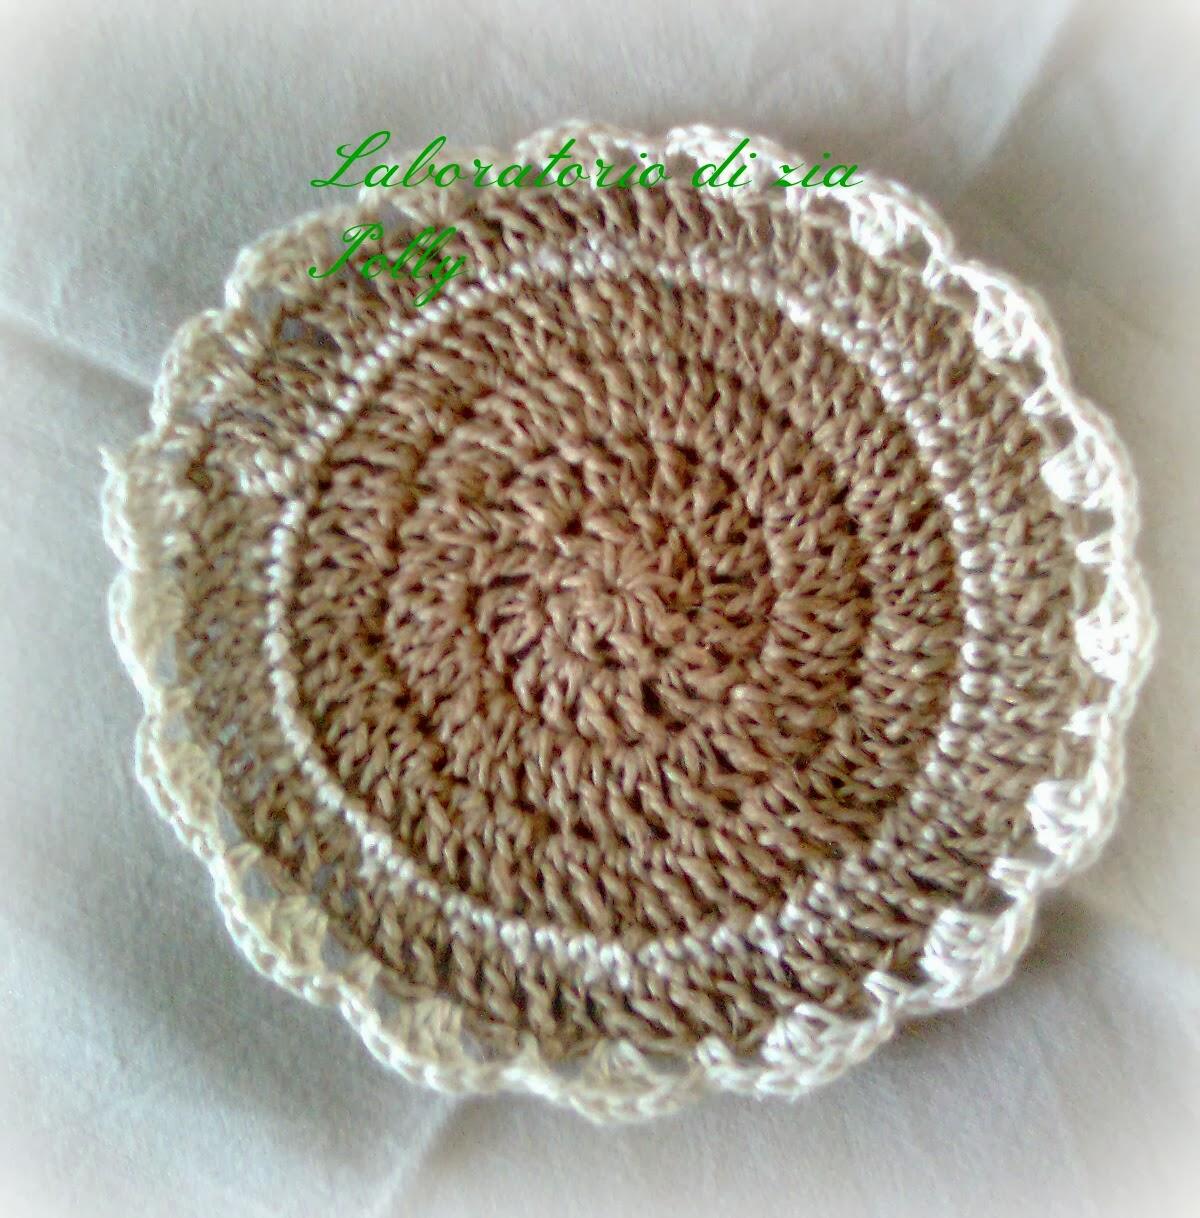 Laboratorio di zia Polly: Poggiapentole o poggia teiera creata con lo spago a crochet